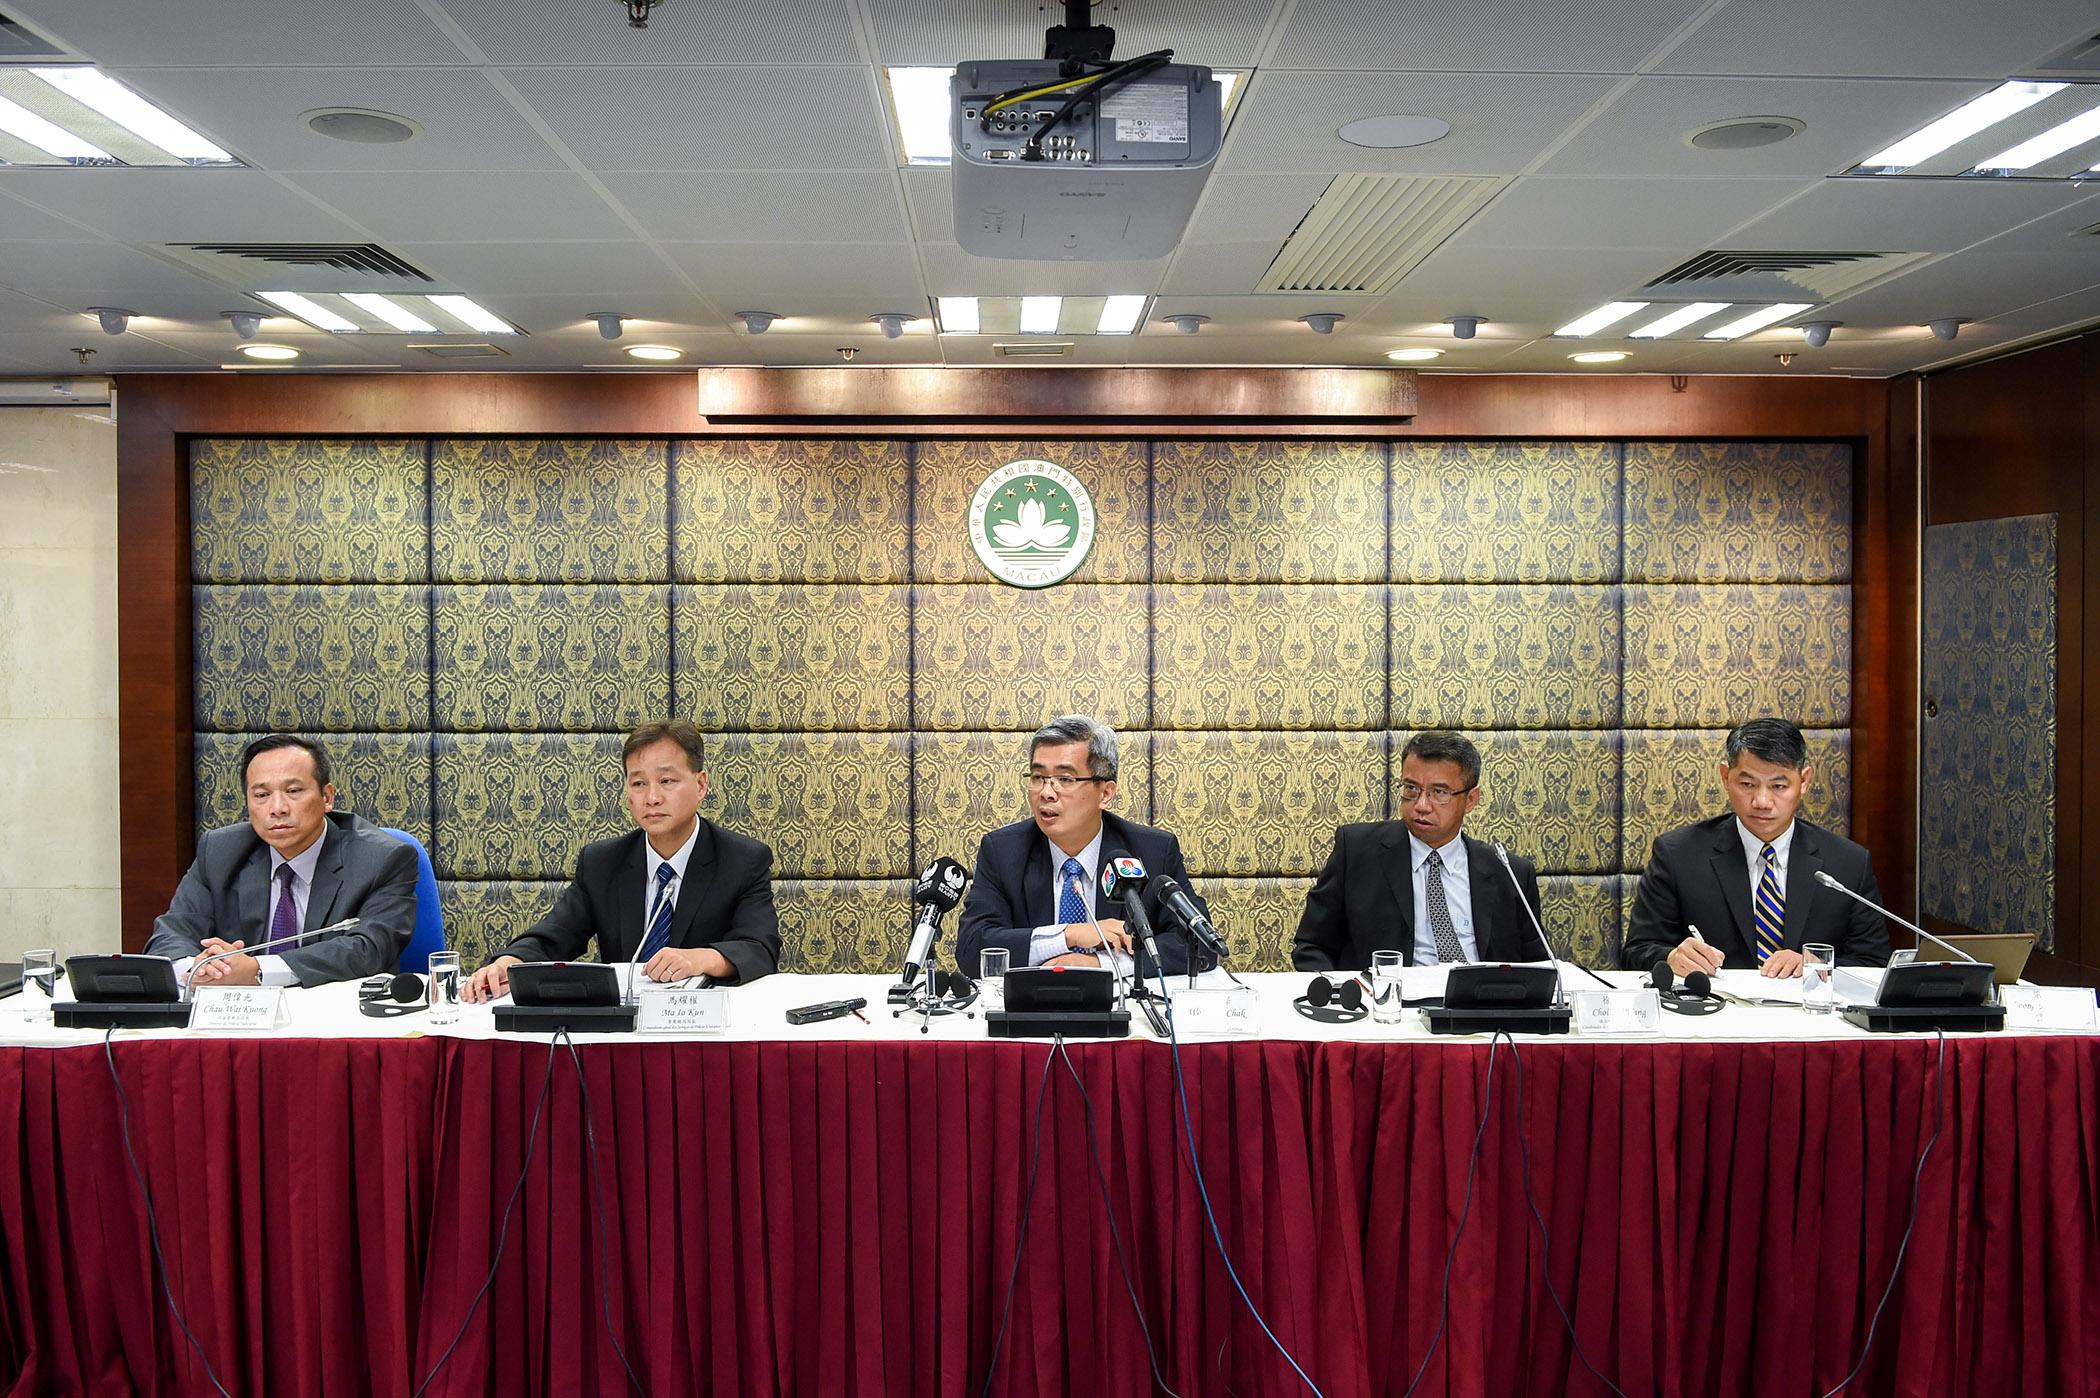 Cibersegurança   Proposta de lei atropela direitos fundamentais, defendem associações